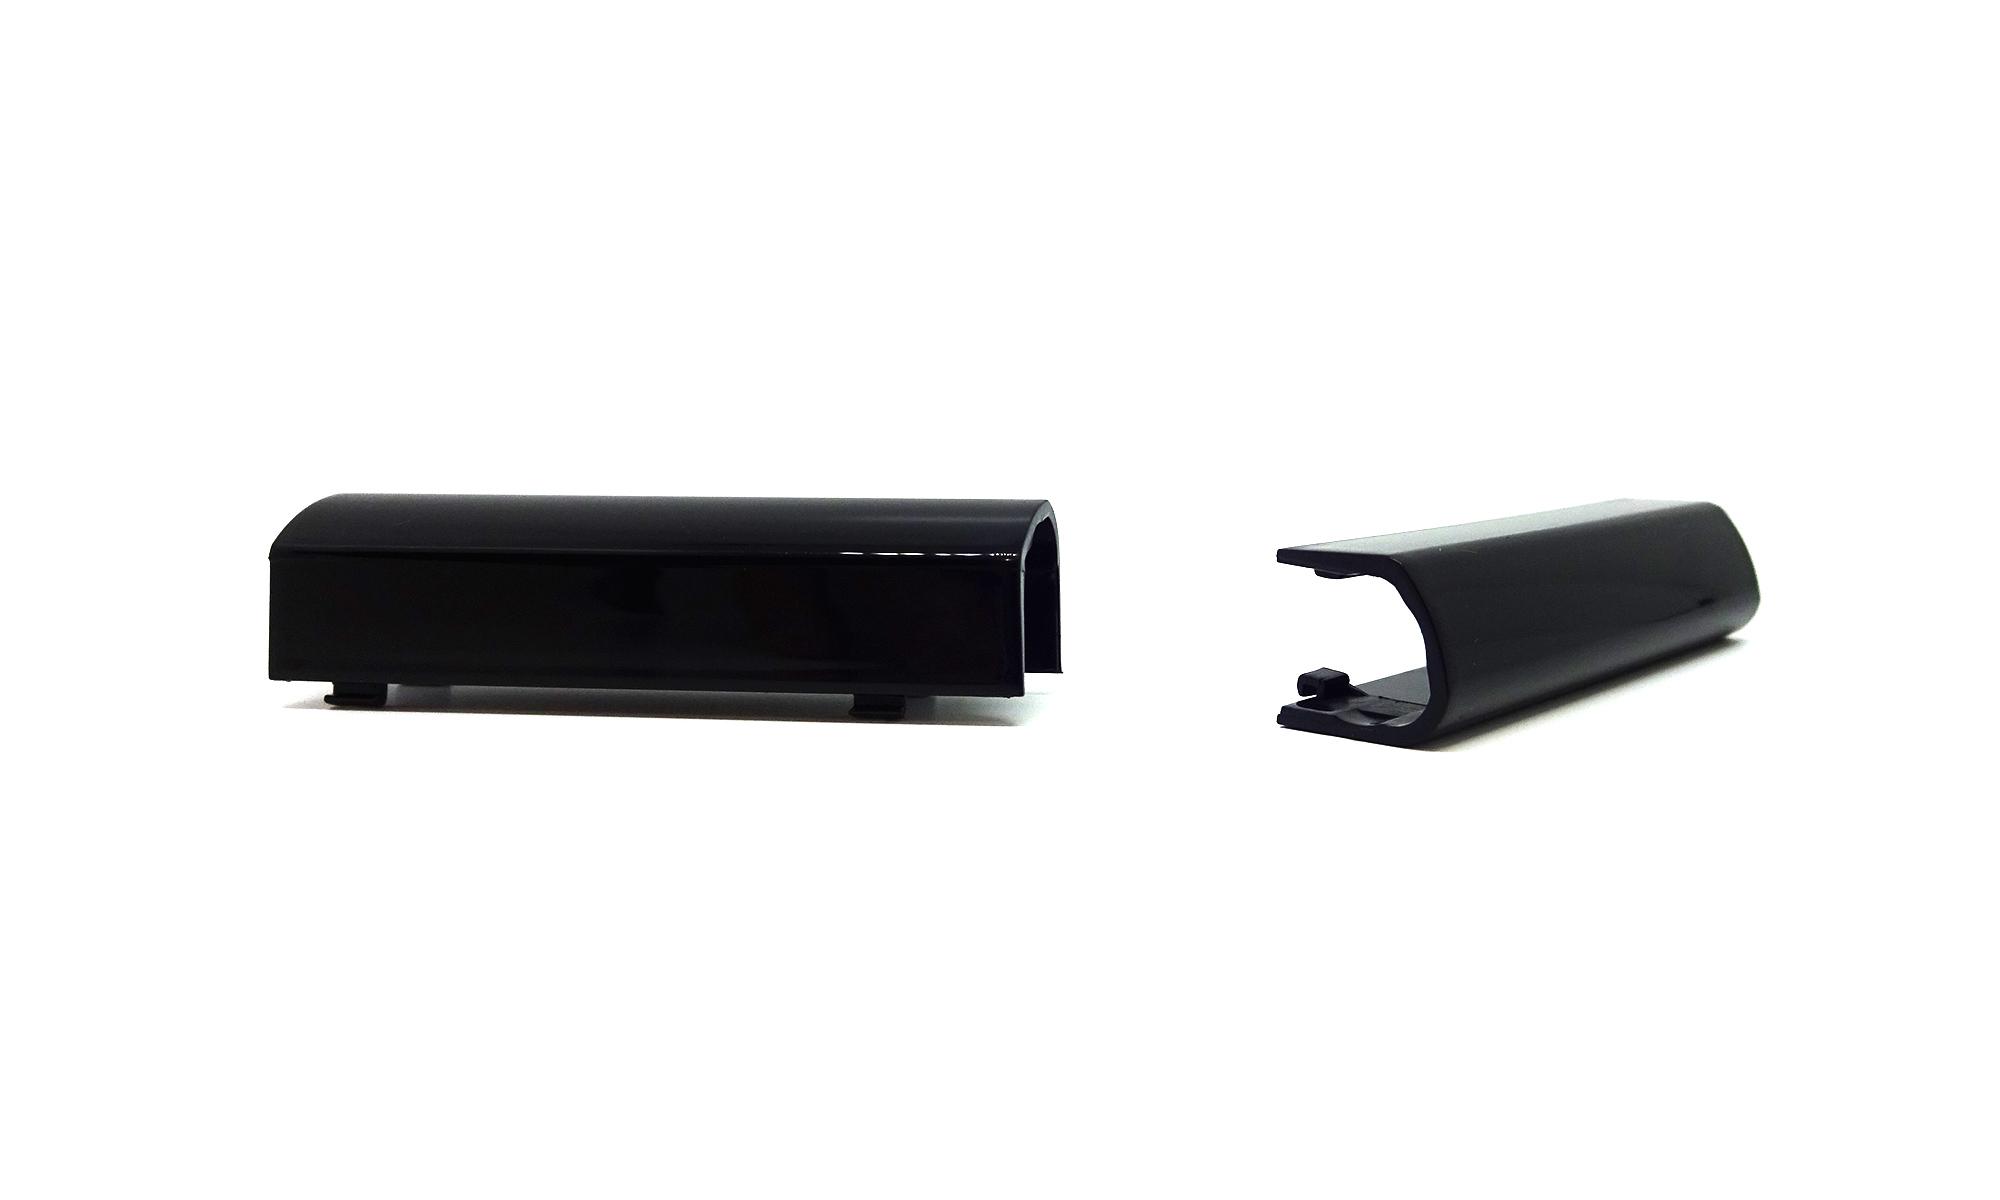 Set capac balamale Asus PRO57A, PRO57E, PRO57KR, PRO57SE, PRO57SN, PRO57SR, PRO57TA, PRO57TR, PRO57VA, PRO57VR, negru, original